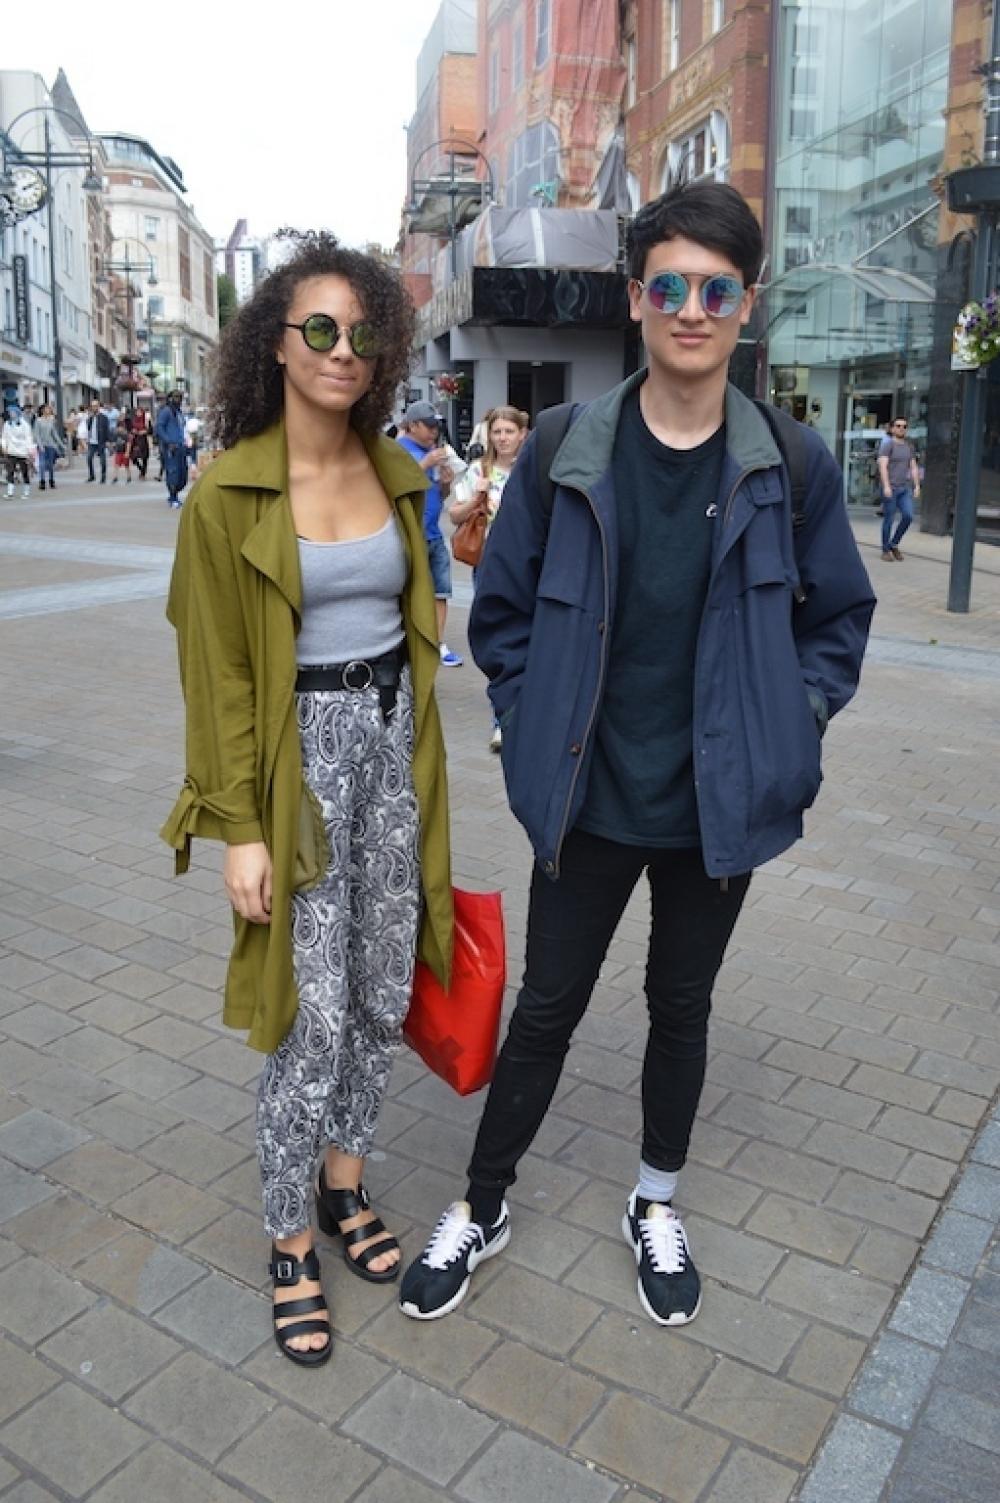 2017 08 14 Leeds Street Style Dsc 0573